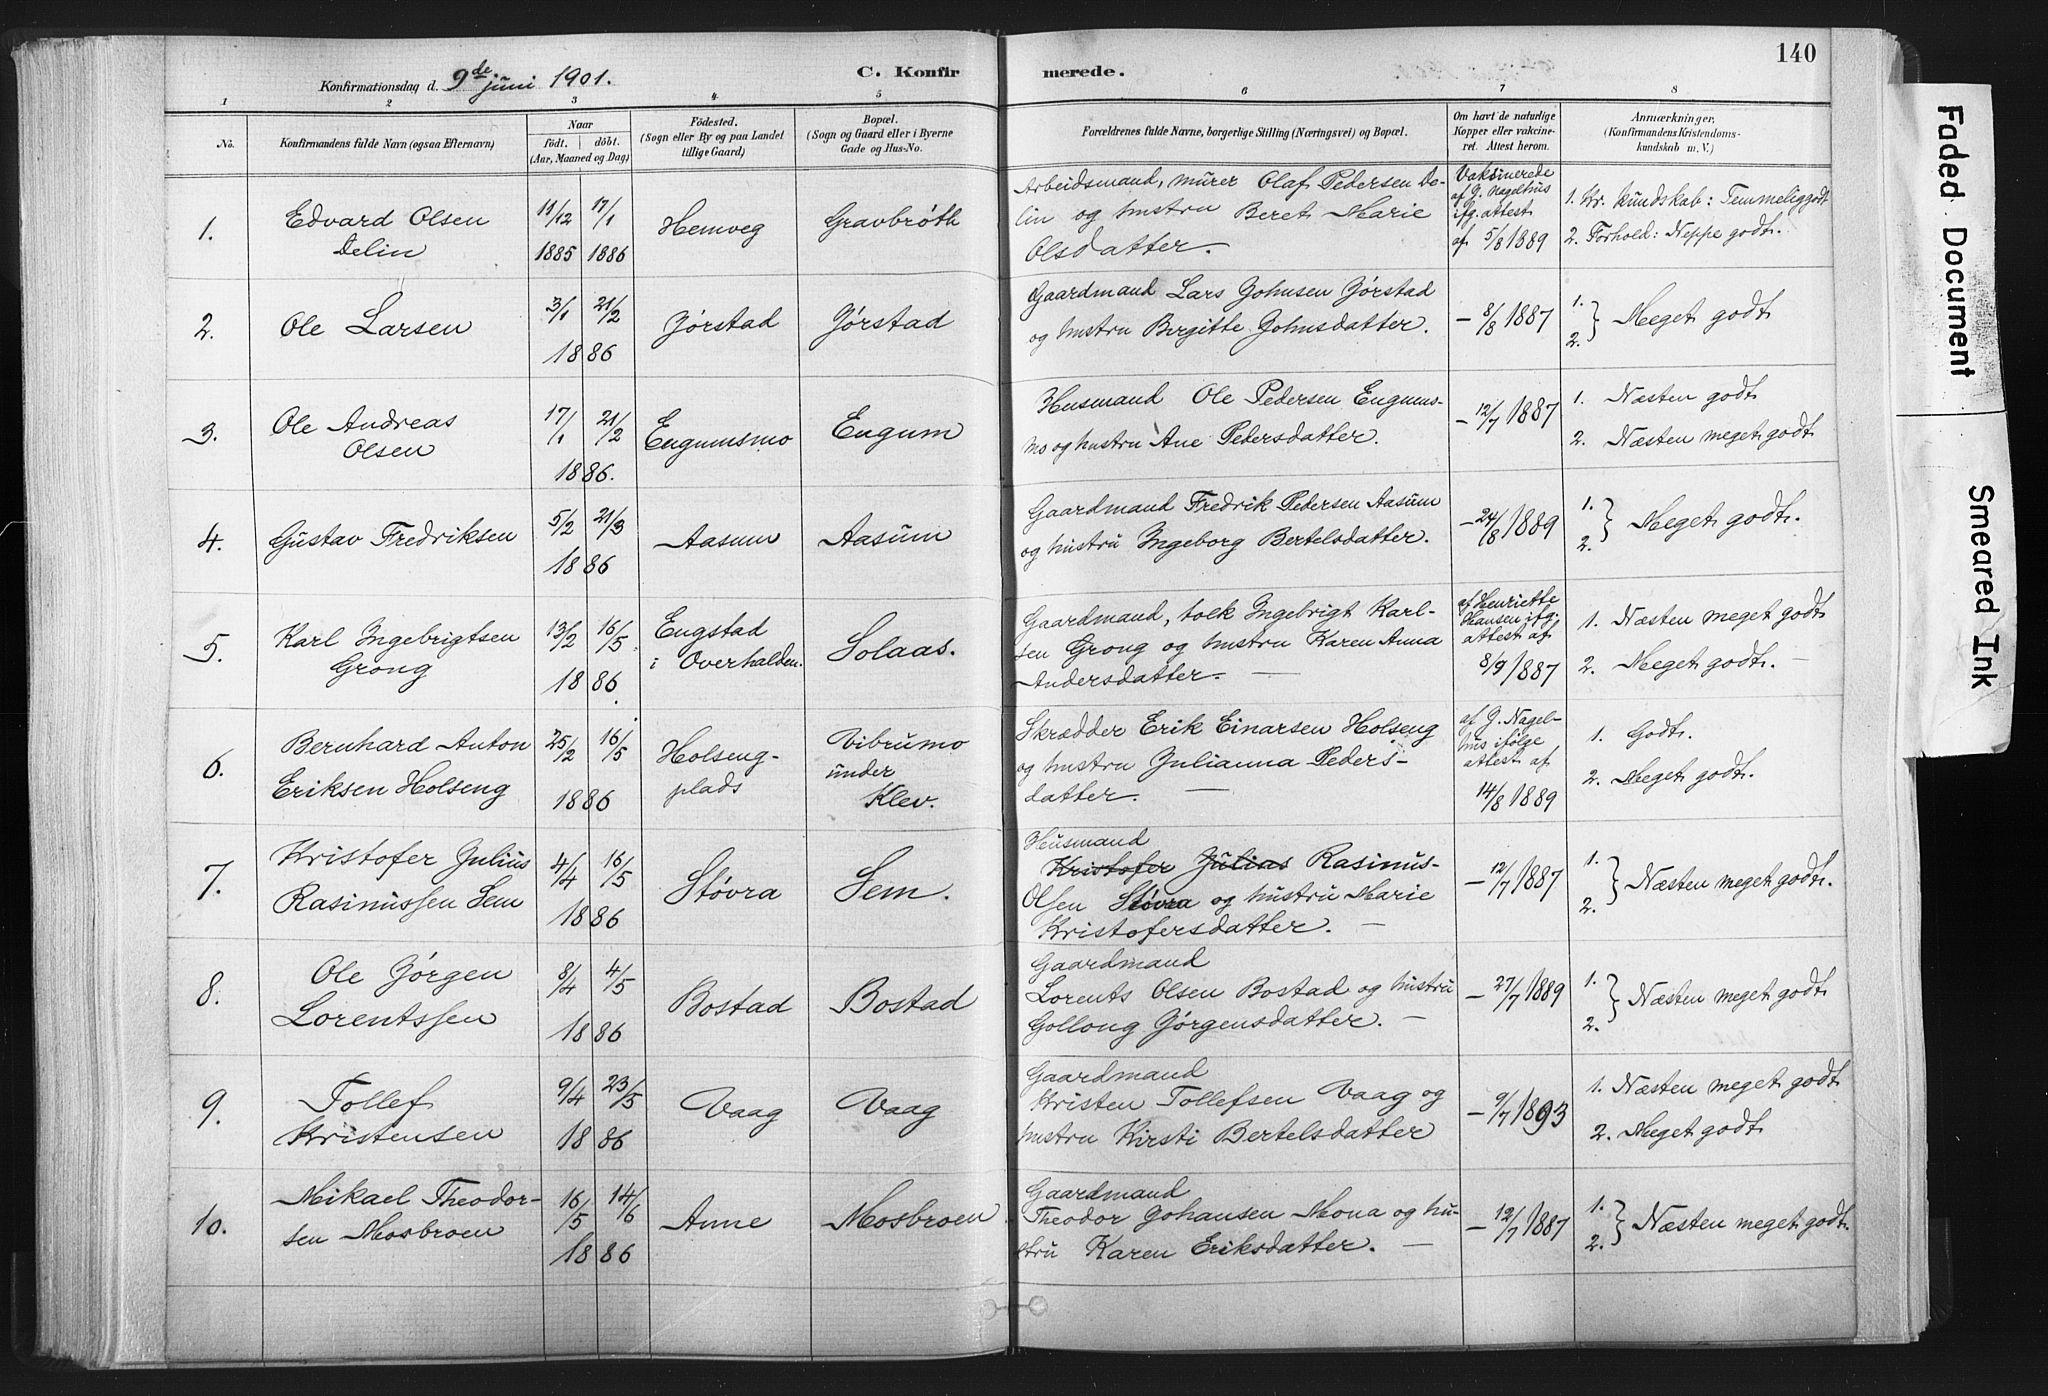 SAT, Ministerialprotokoller, klokkerbøker og fødselsregistre - Nord-Trøndelag, 749/L0474: Ministerialbok nr. 749A08, 1887-1903, s. 140